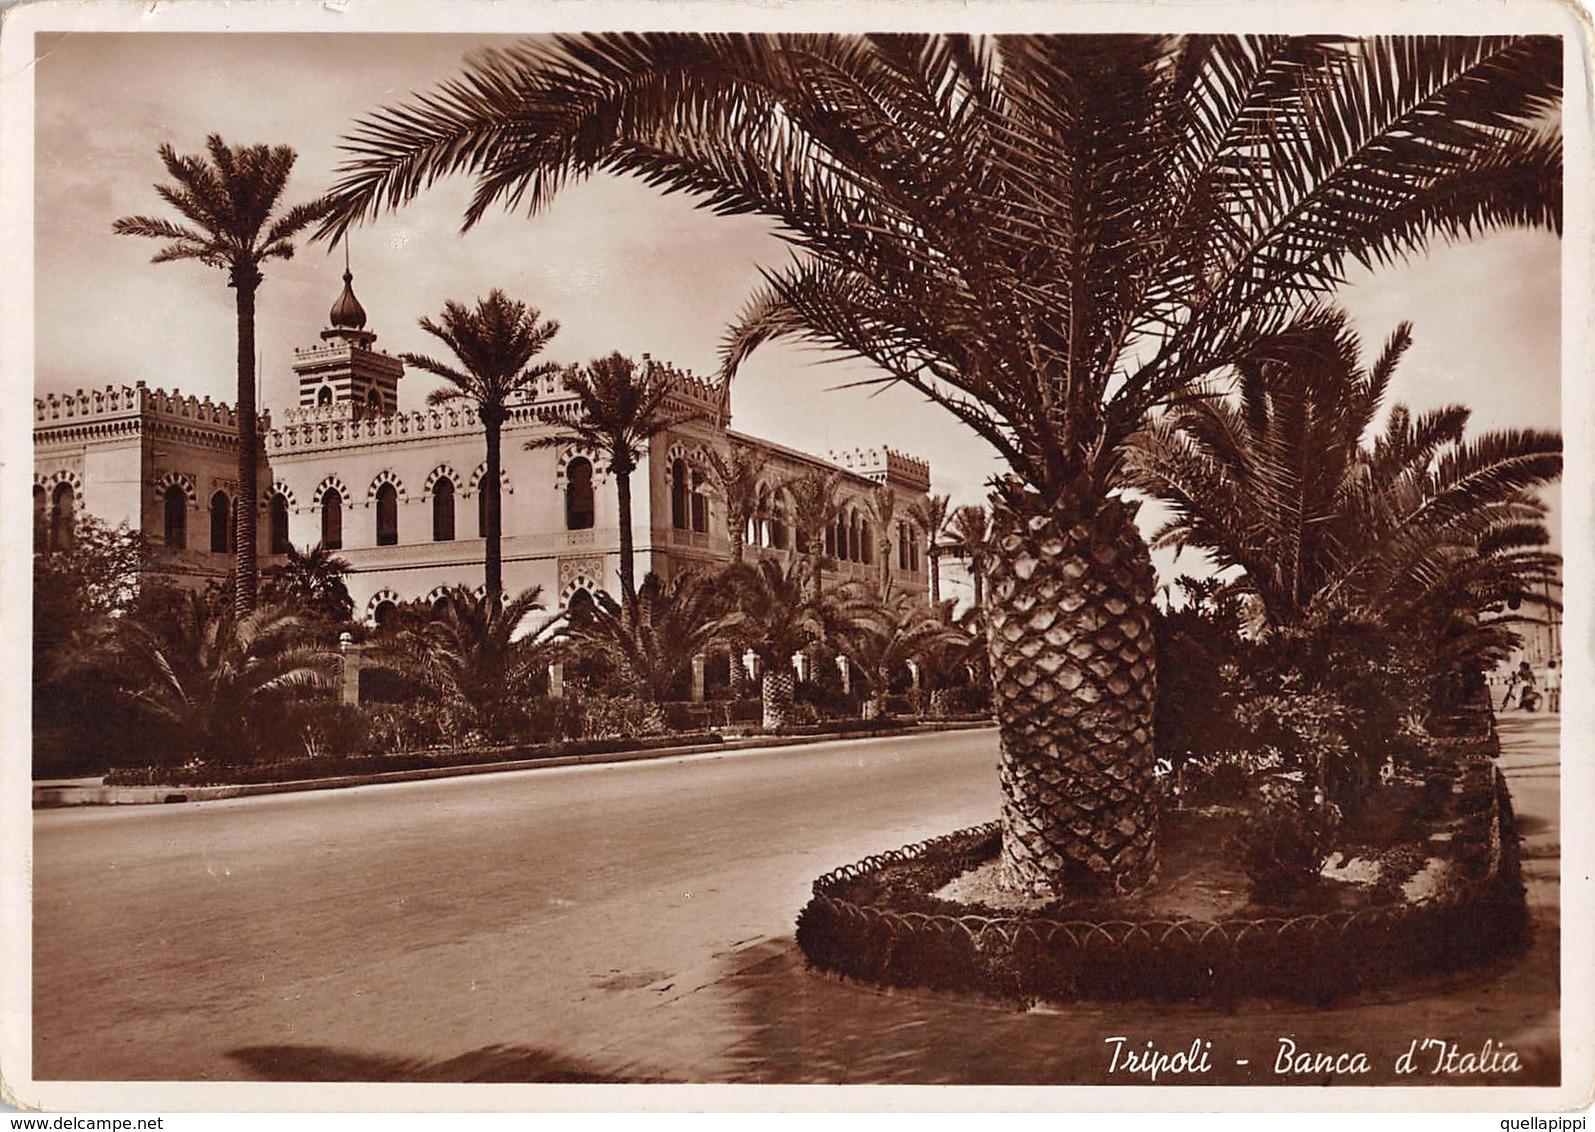 """09366 """"LIBIA - TRIPOLI - BANCA D'ITALIA"""" CART SPED 1926 - Libia"""